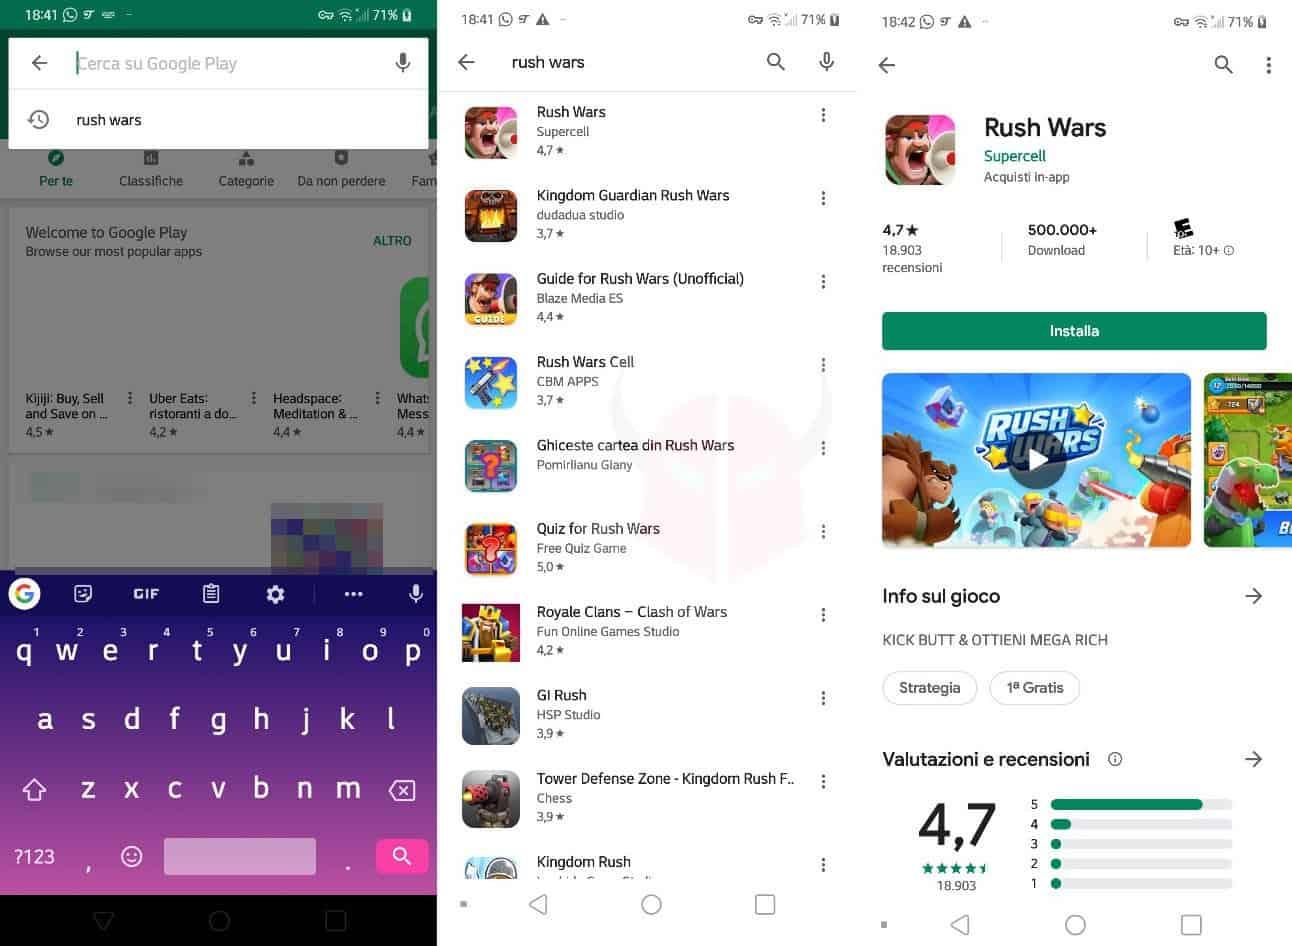 come scaricare Rush Wars sul Play Store con Android